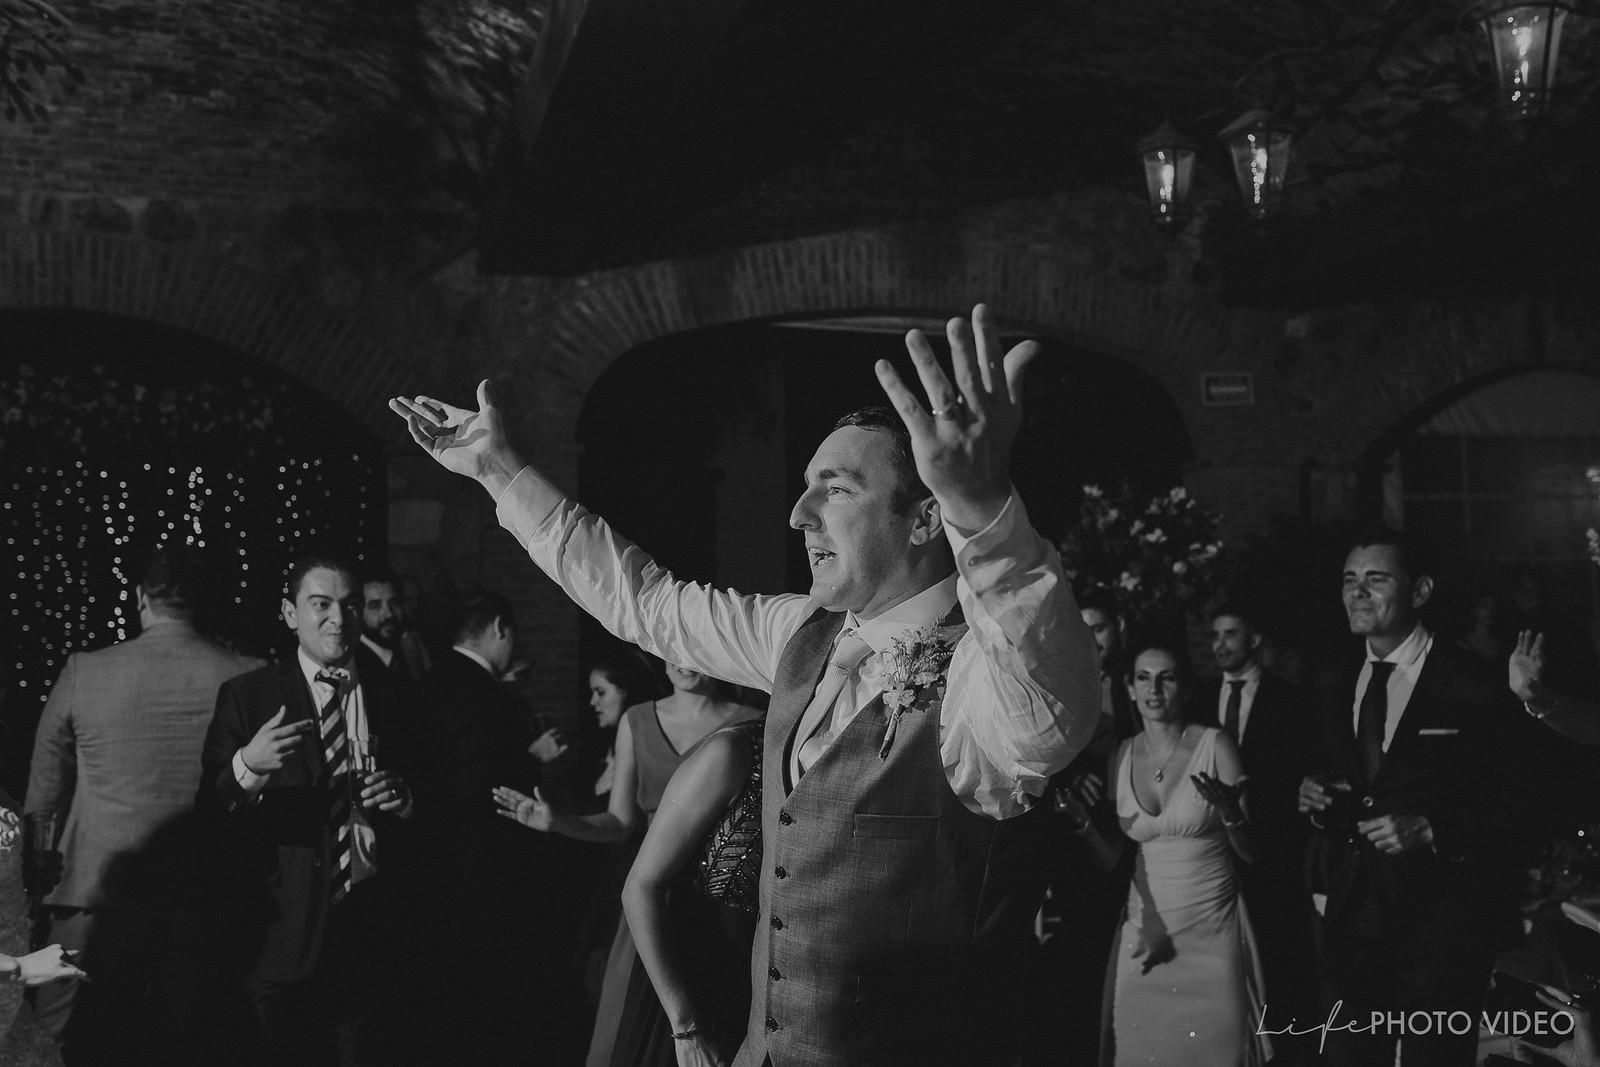 LifePhotoVideo_Boda_LeonGto_Wedding_0009.jpg